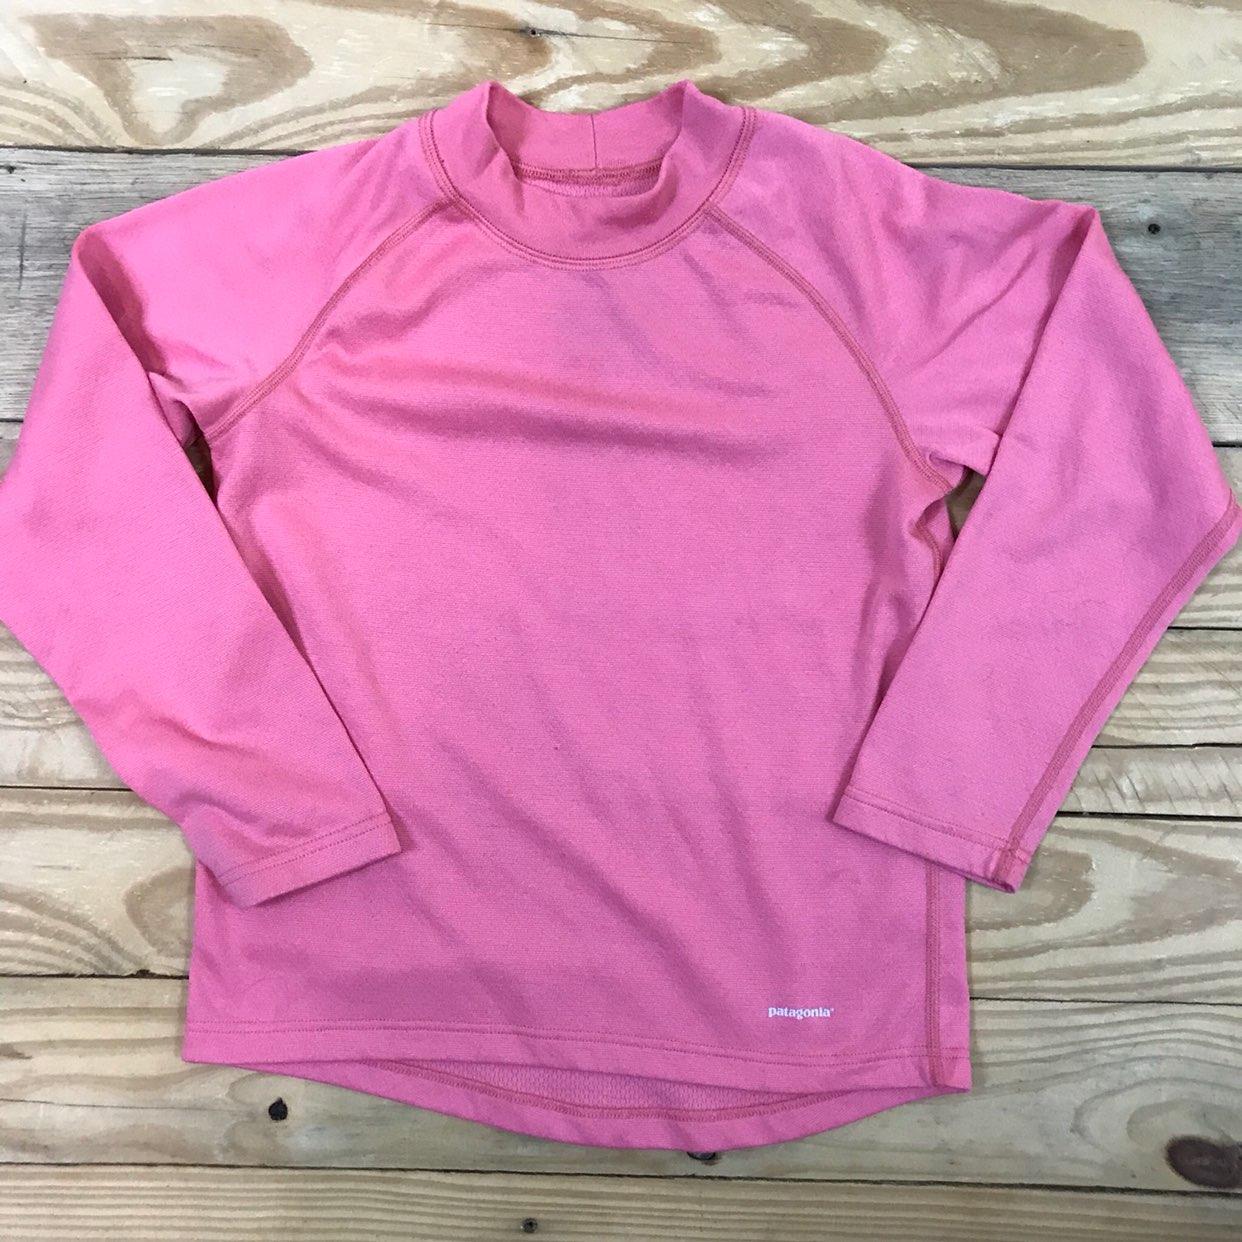 B Patagonia Capilene LS Girls 8 Pink